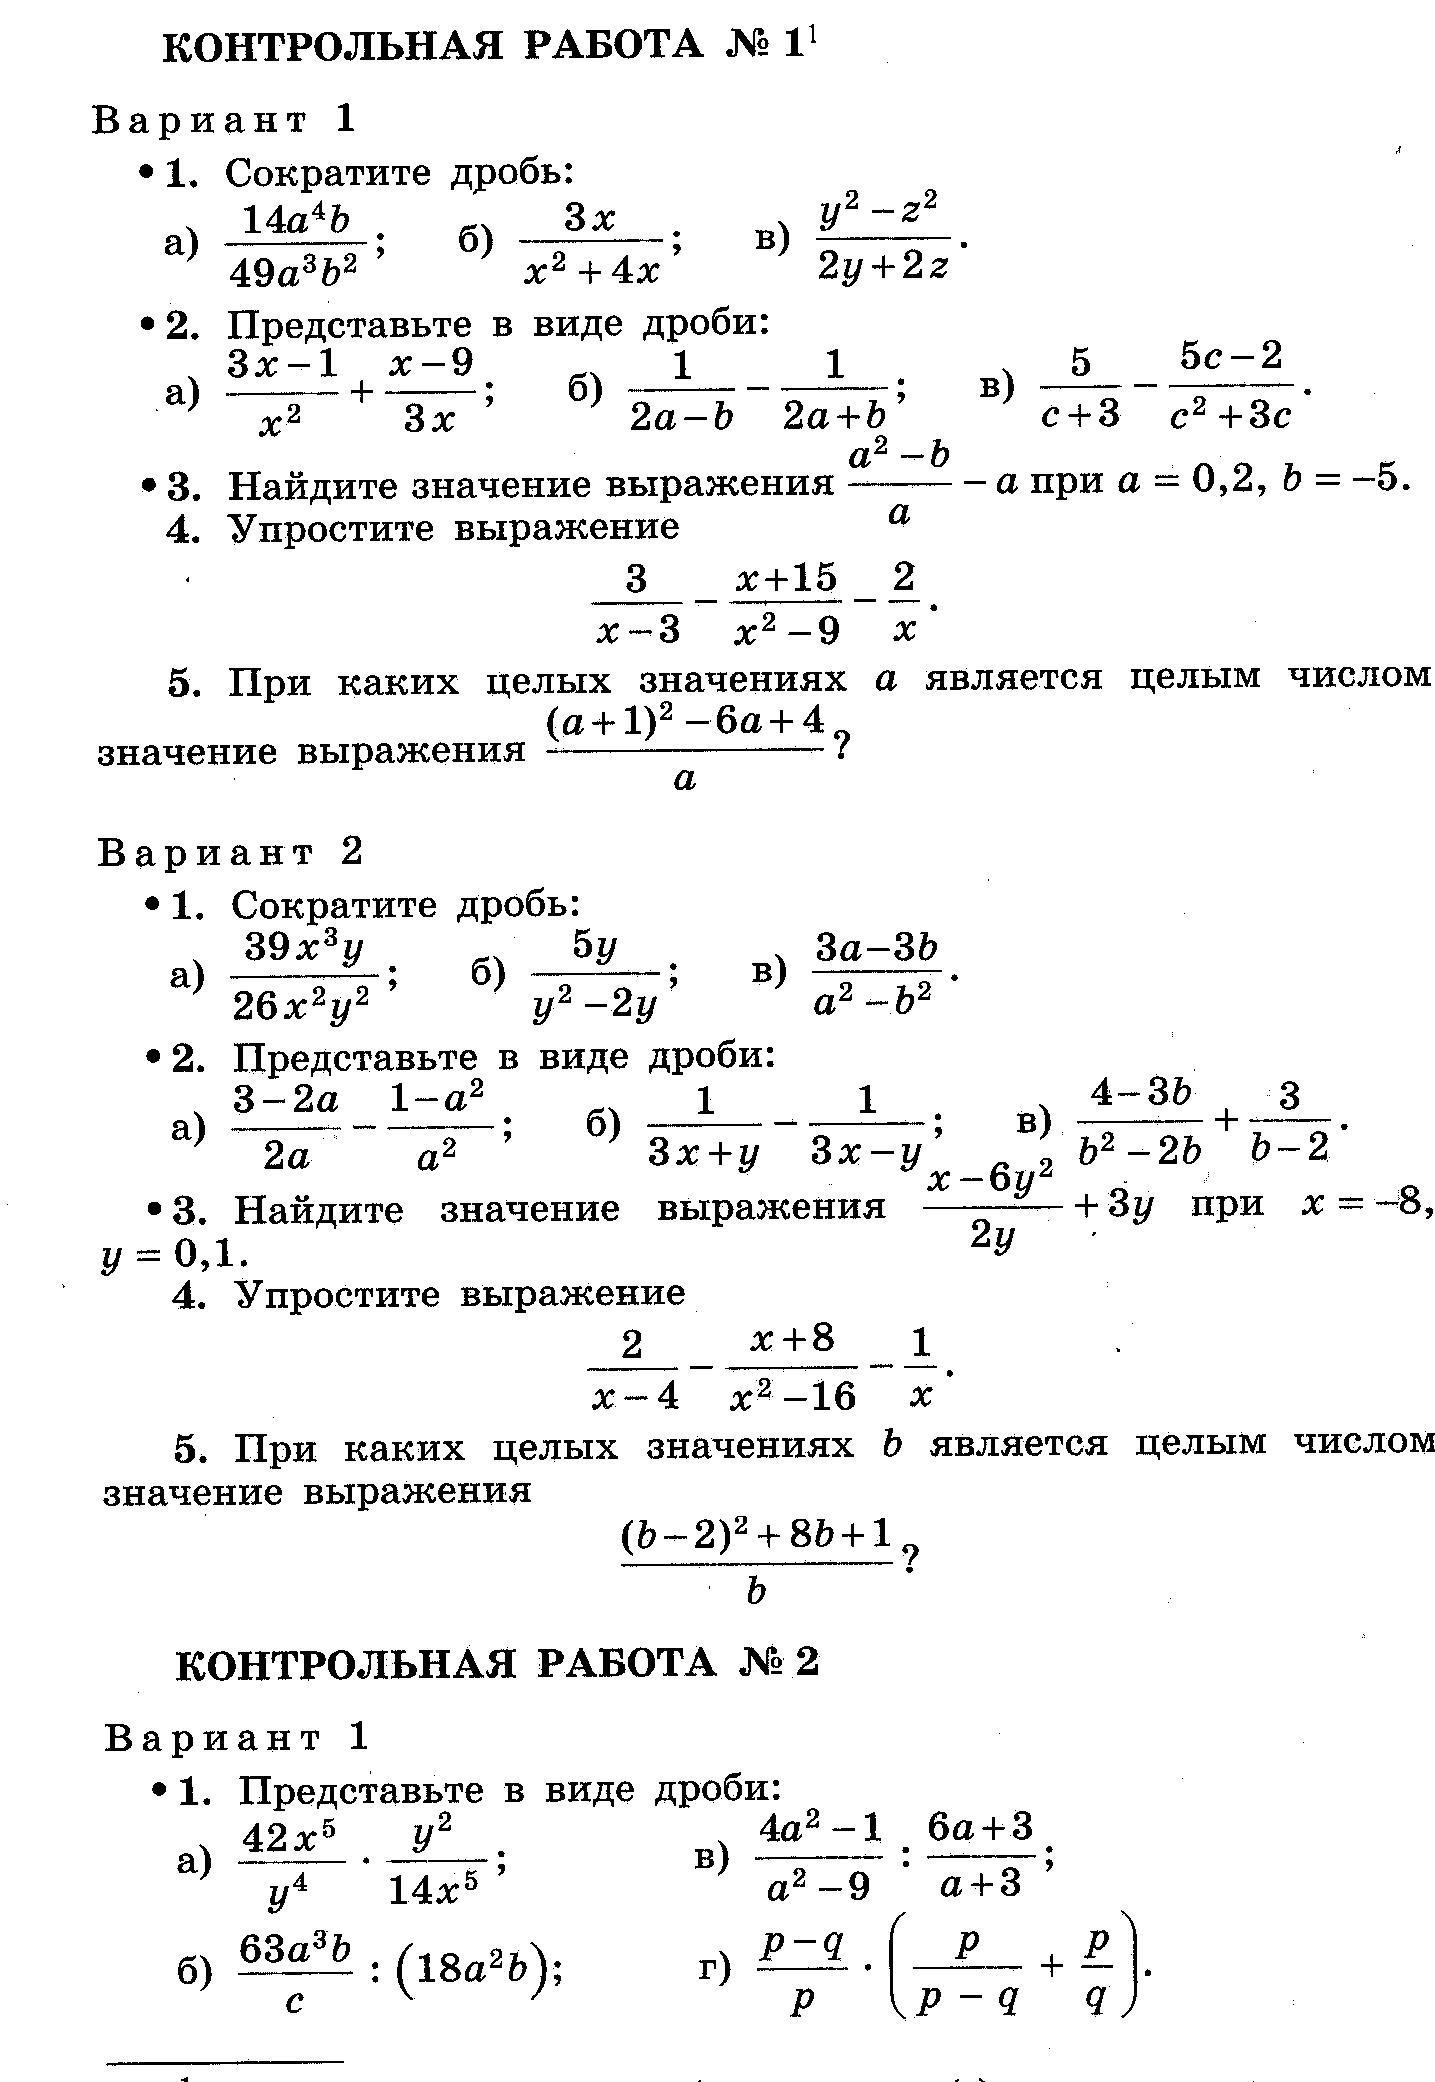 Контрольная работа по математике входной контроль 2 вариант 4308